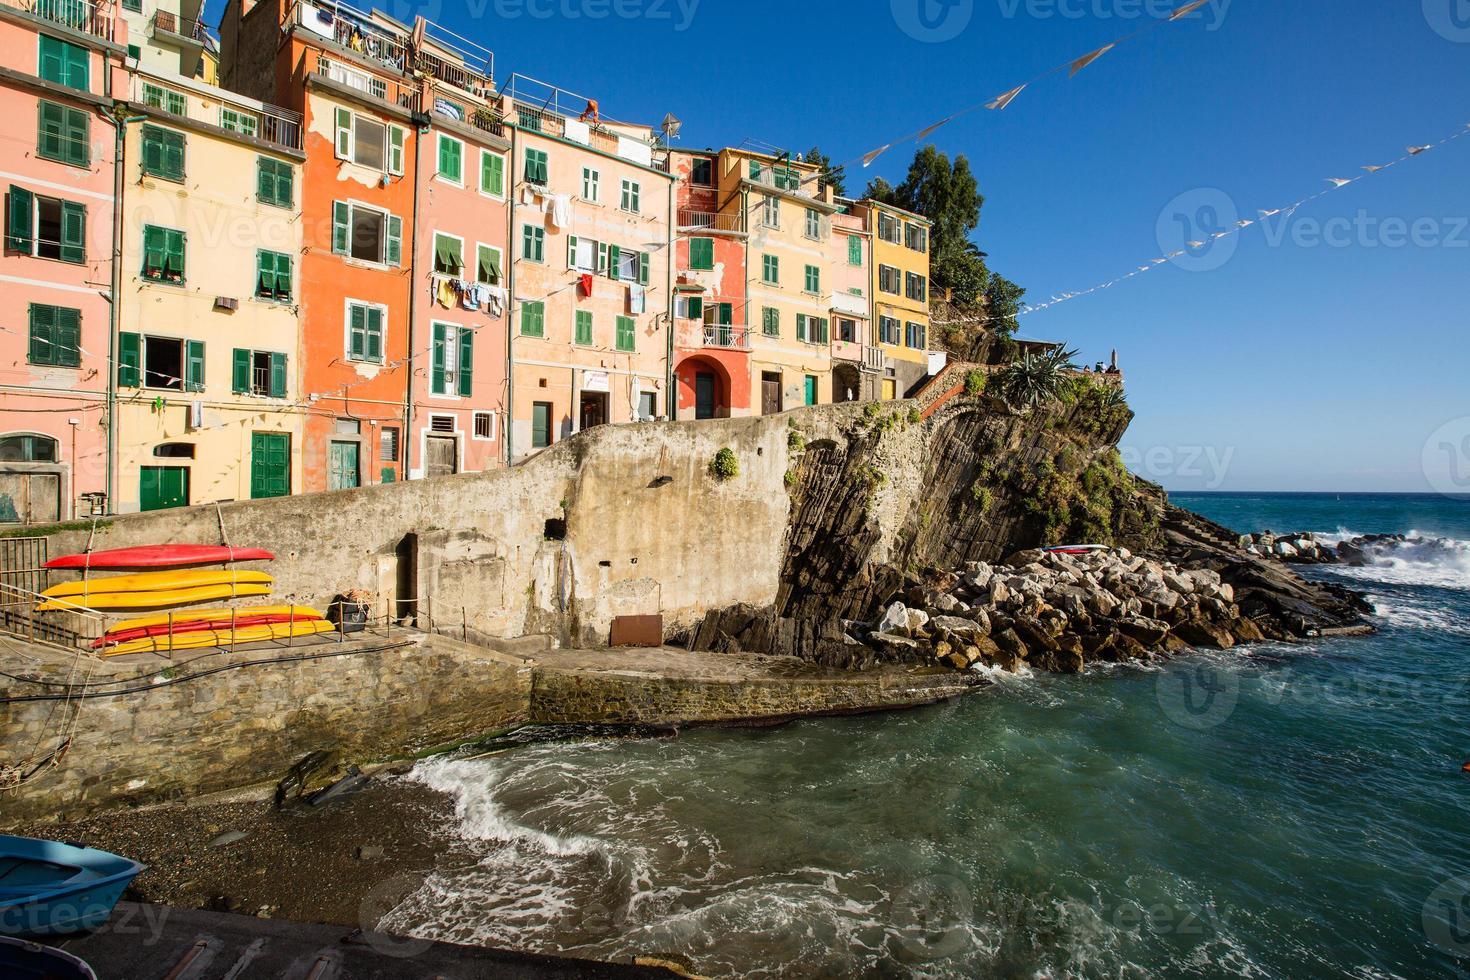 riomaggiore italy (världsarv för cinque terre-unesco) foto